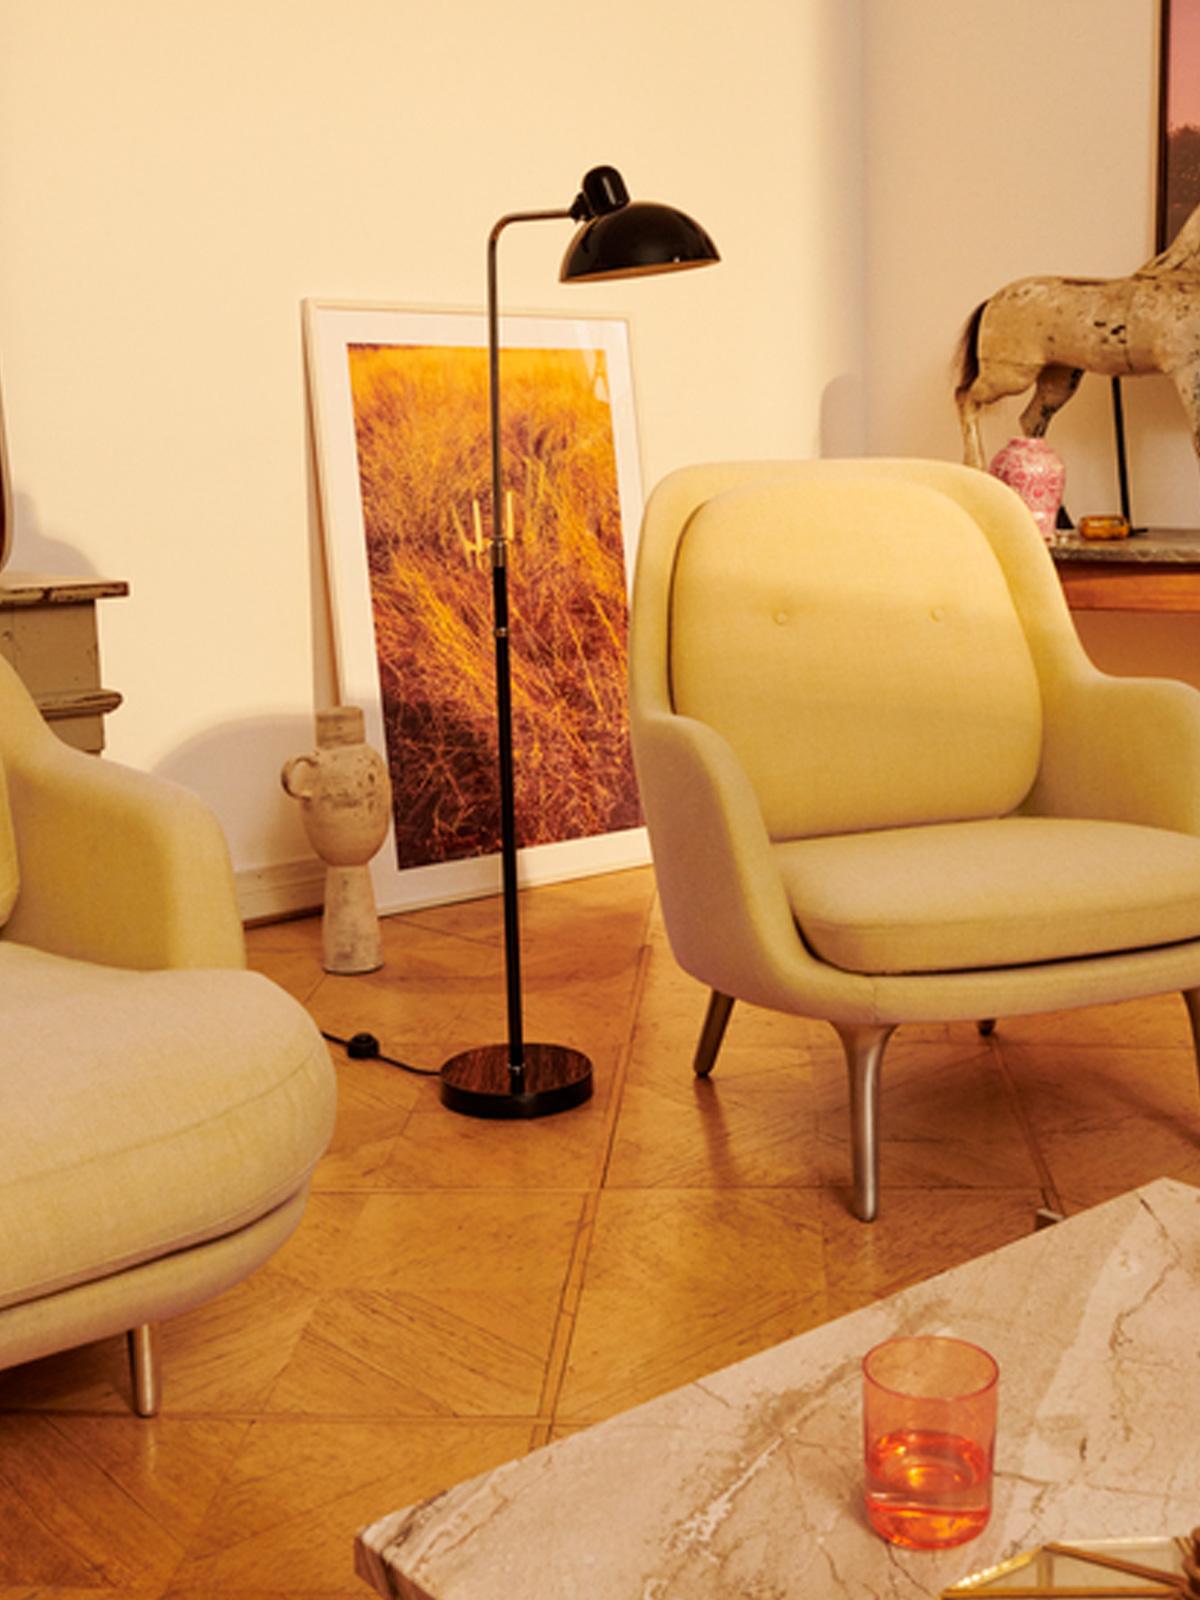 Kaiser Idell F Luxus Republic of Fritz Hansen Designort